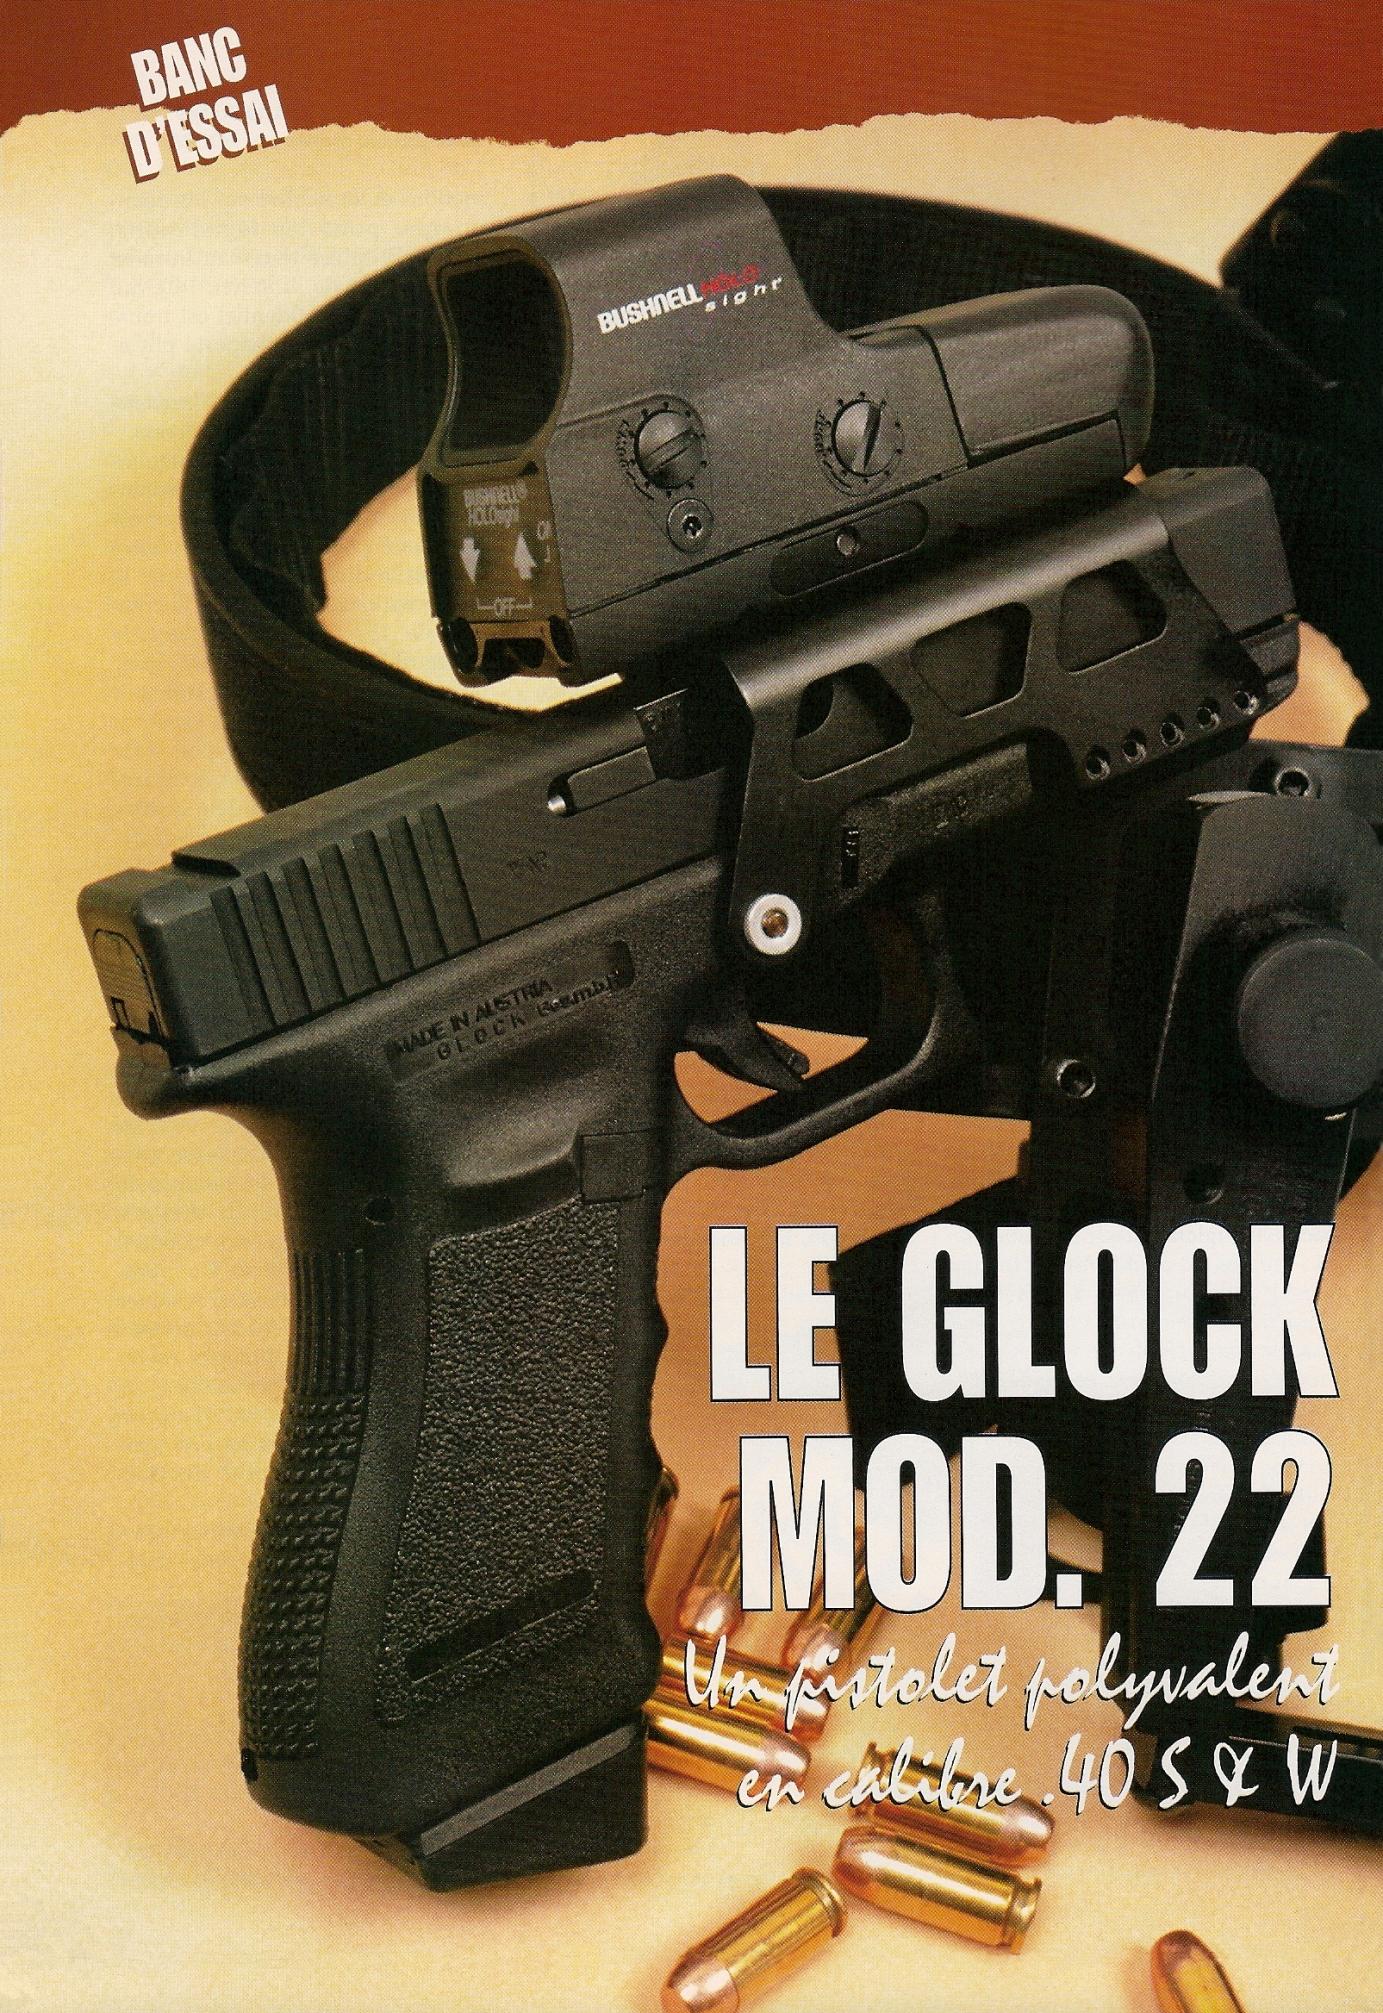 Le Glock 22, muni d'un viseur holographique Bushnell « HoloSight » de la nouvelle génération, est accompagné par un holster squelette « Ghost » fabriqué par la firme italienne Amandini. L'ingénieux système combiné ceinturon/sous-ceinturon du fabricant français GK Professionnal permet aux tireurs IPSC de s'équiper rapidement sans avoir besoin de retirer du ceinturon le holster ni les porte-chargeurs.